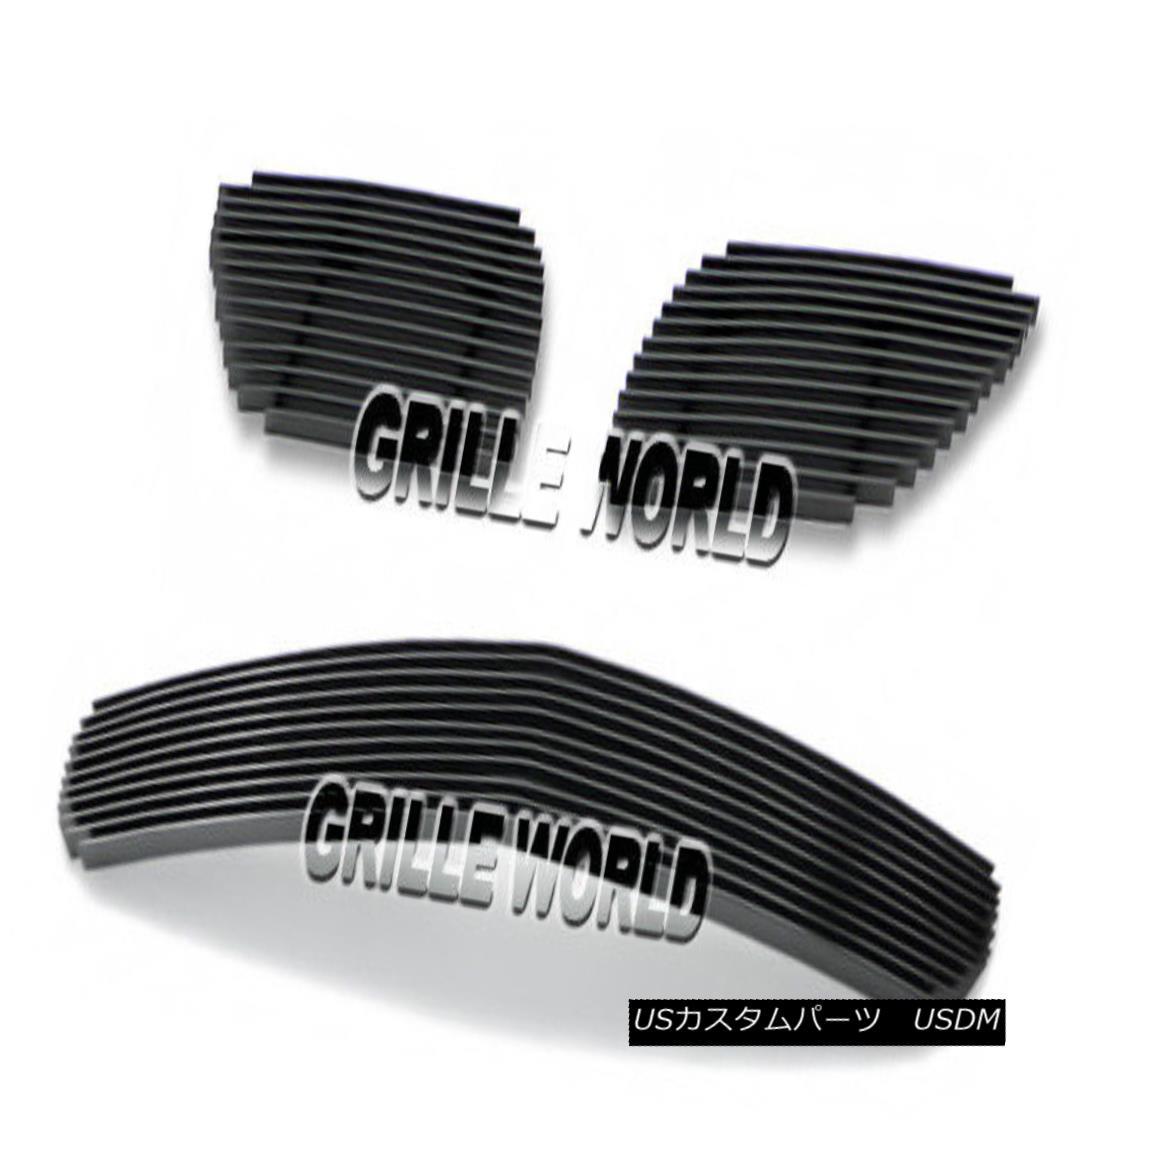 グリル For 04-06 Pontiac GTO Black Billet Premium Grille Grill Combo Insert 04-06ポンティアックGTOブラックビレットプレミアムグリルグリルコンボインサート